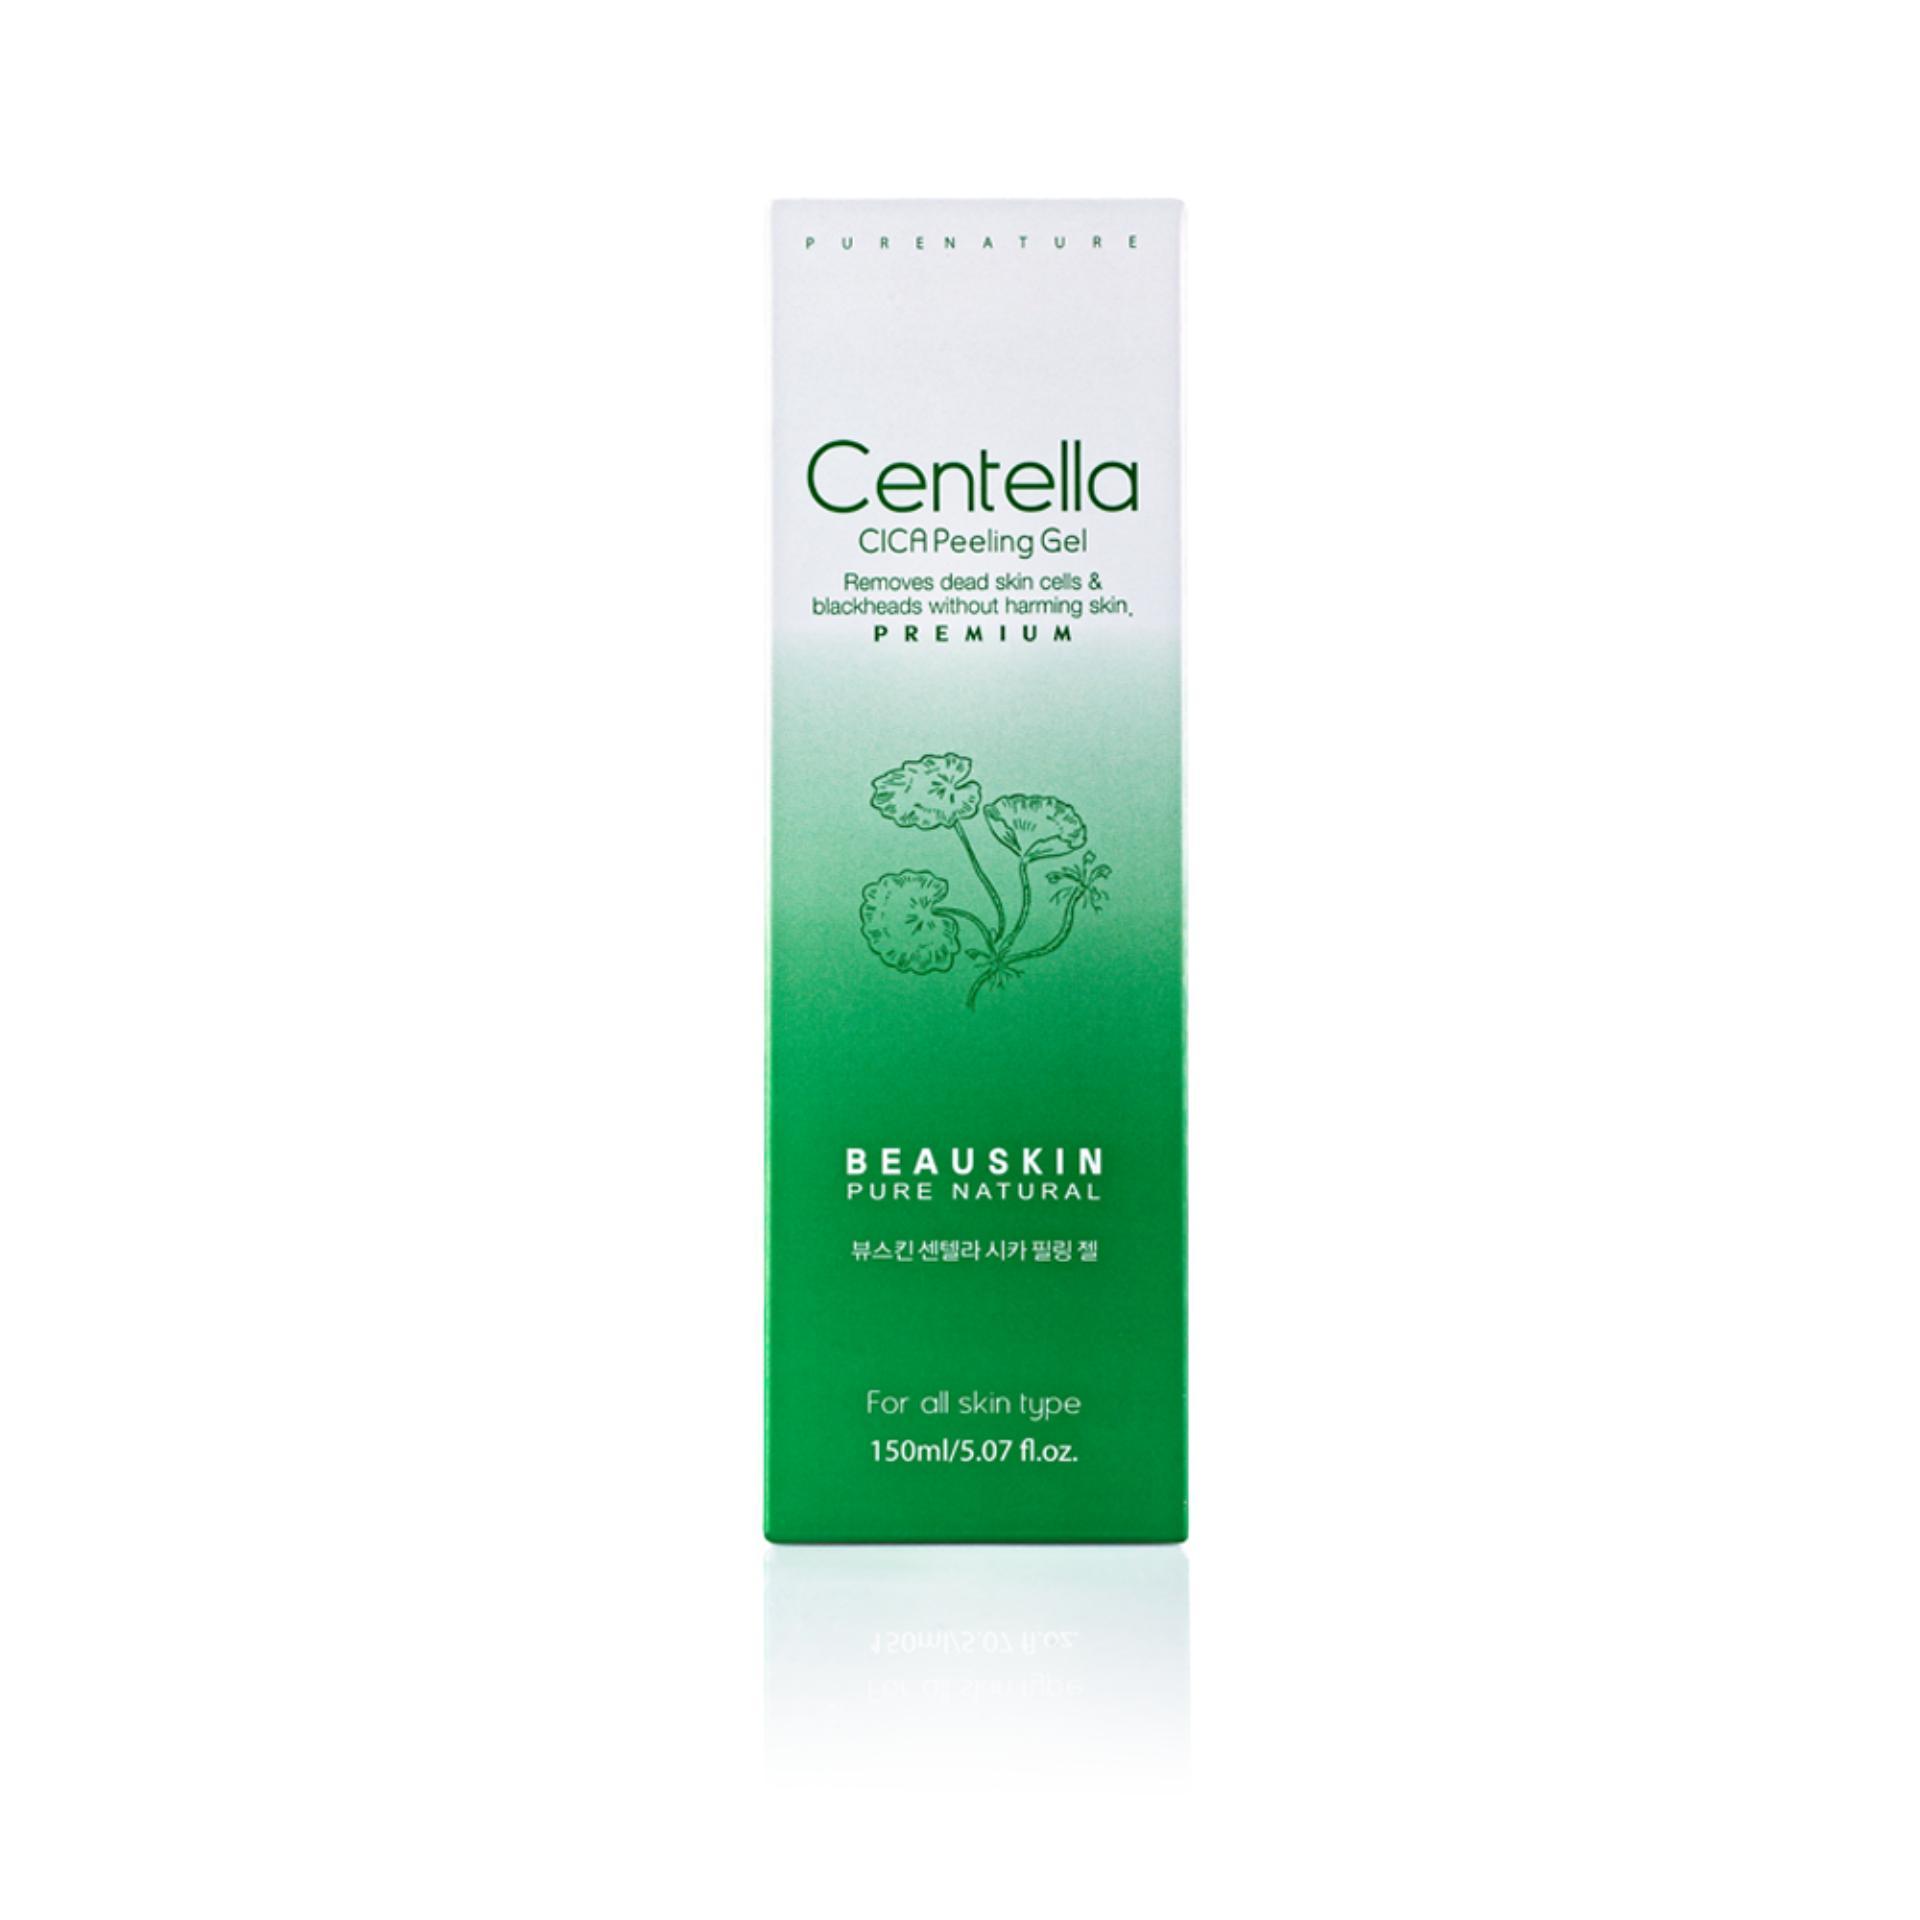 Tẩy Da Chết Mới làm trắng, mờ thâm nám Centella Cica Peelingel Beauskin - Hàn Quốc Chính Hãng